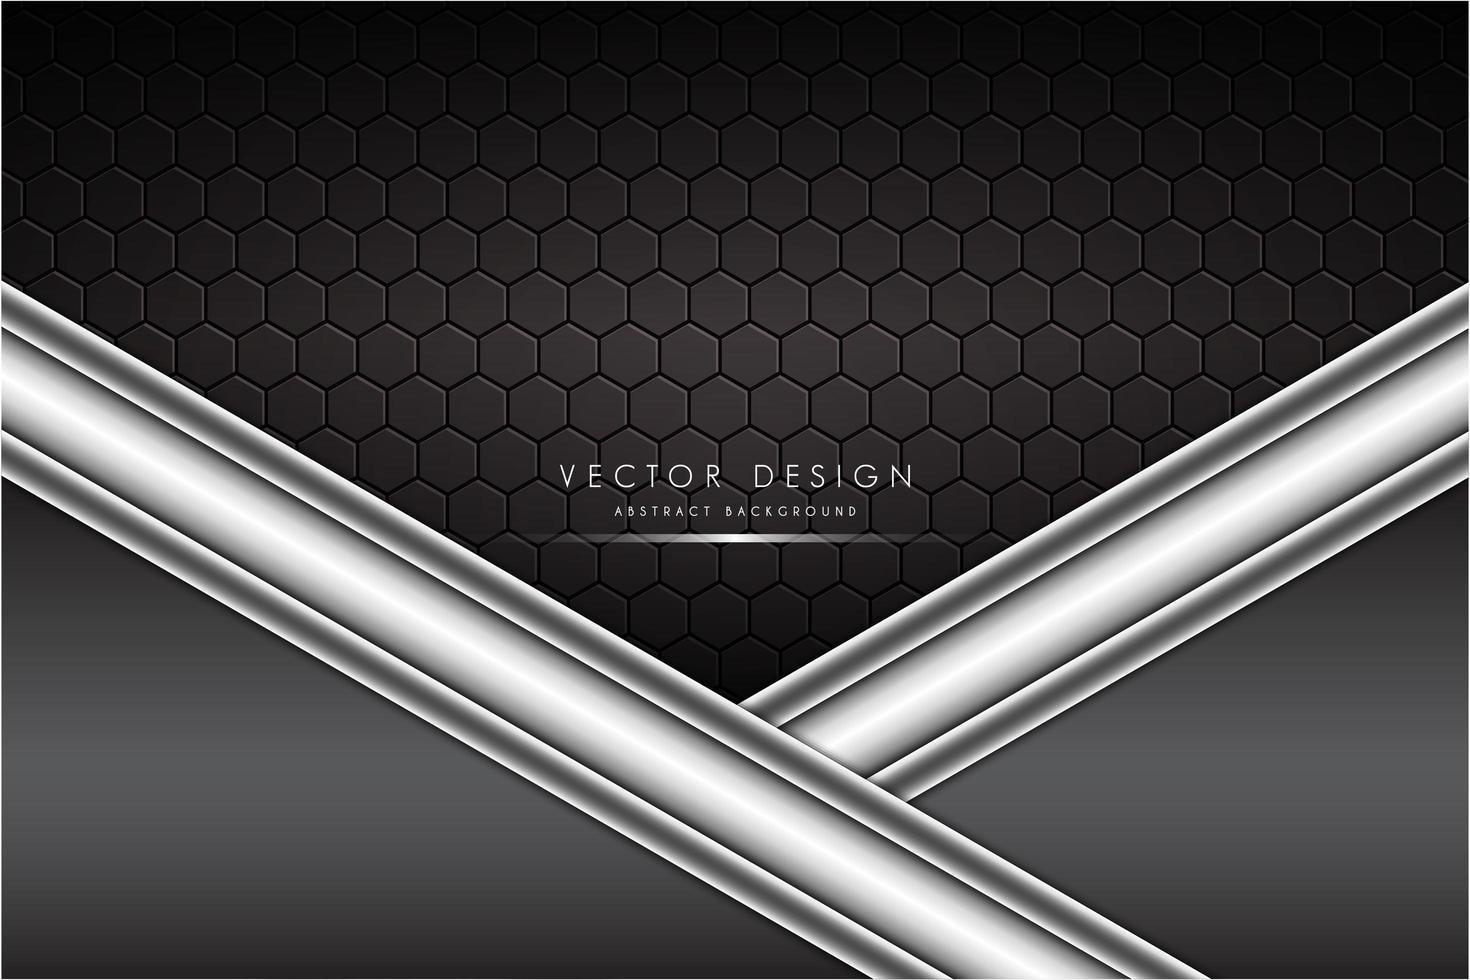 fond métallique gris et argent avec fibre de carbone vecteur